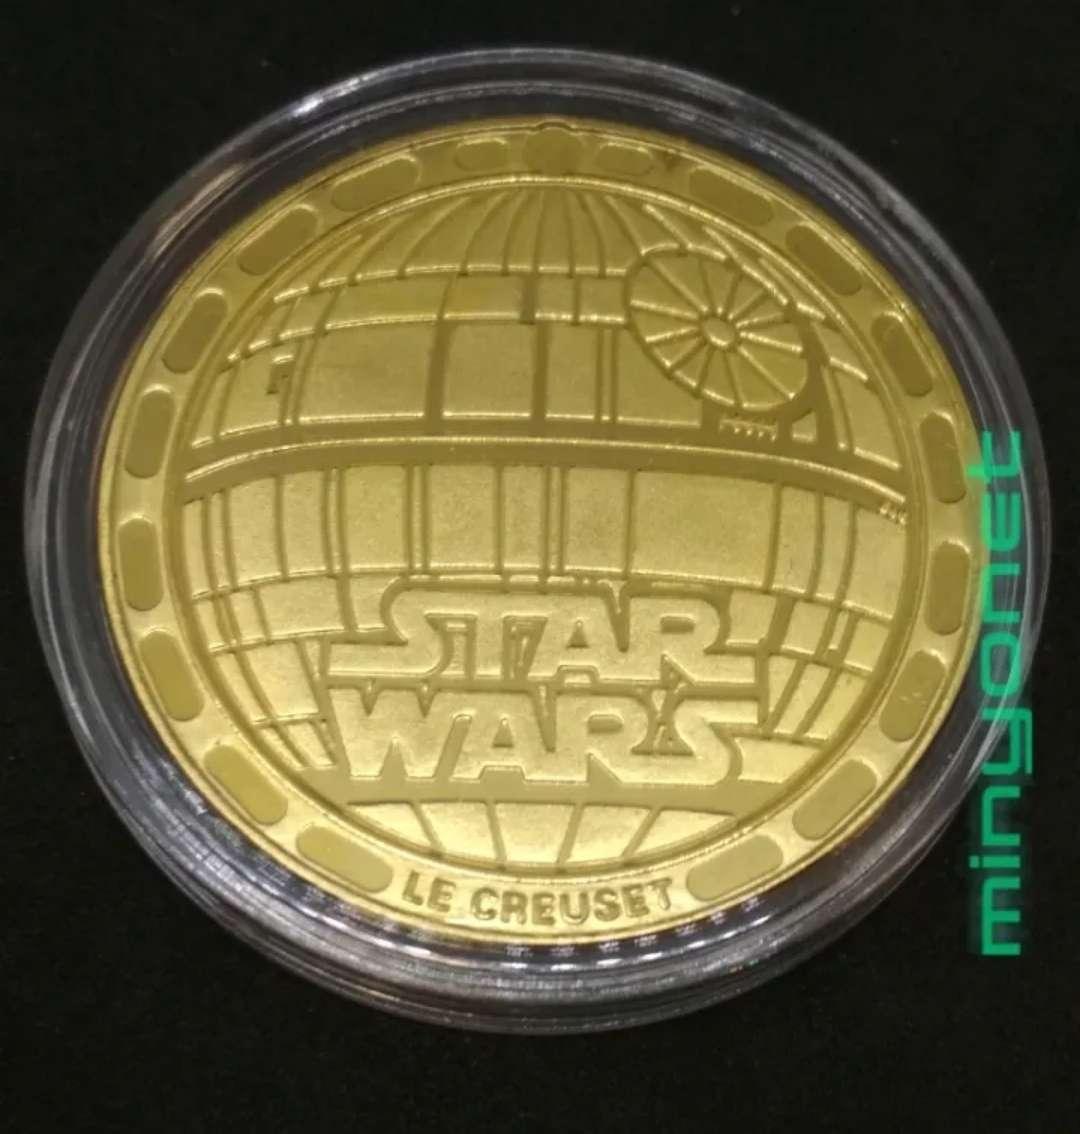 Imagen producto Colección de 5 monedas - medalla Star Wars chapadas en oro 24 K. - la guerra de las galaxias 3